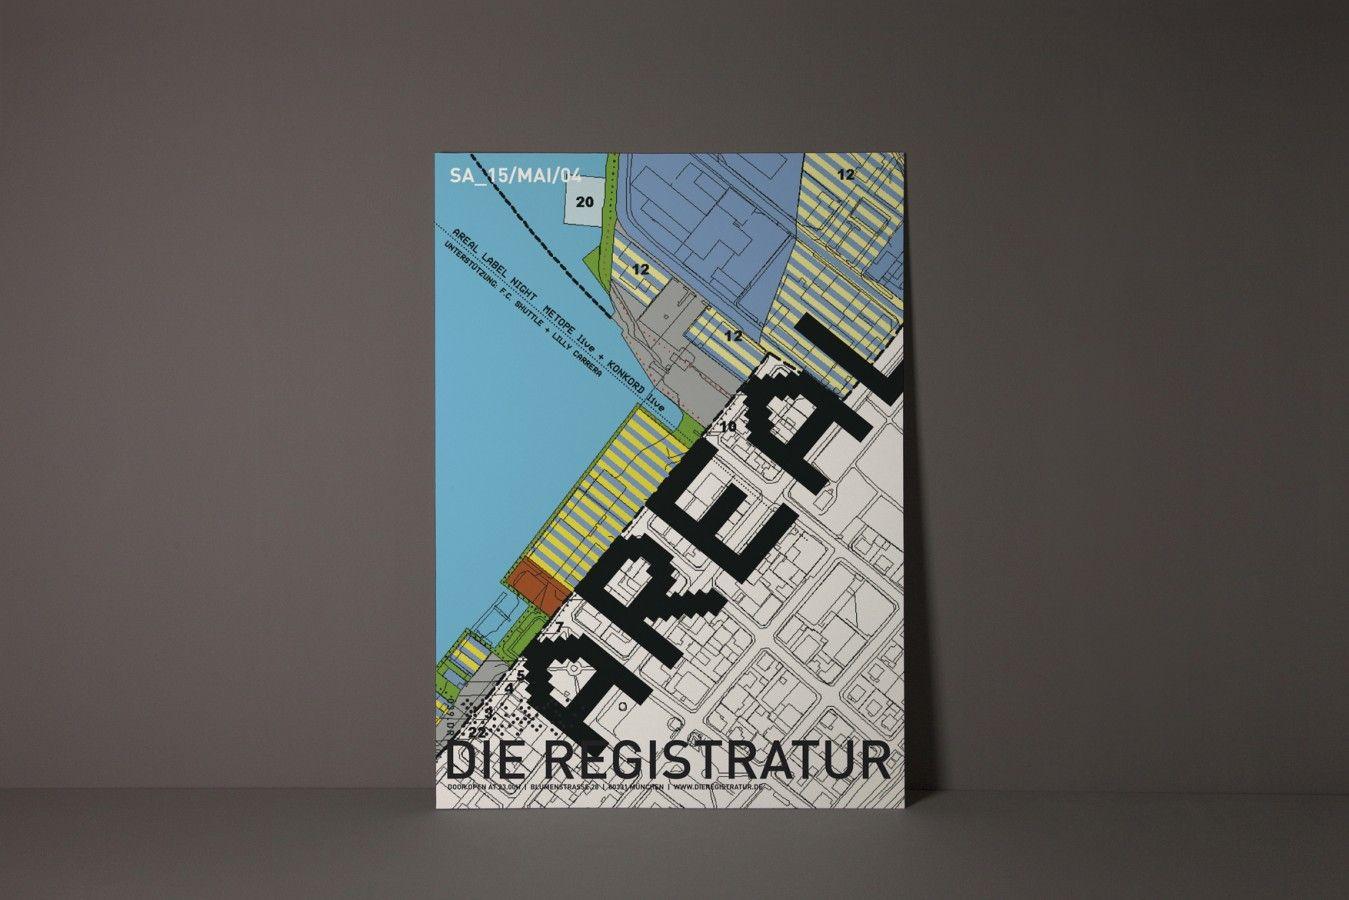 Werbeplakat: Areal Label Night (Veranstaltungsort: Die Registratur ...